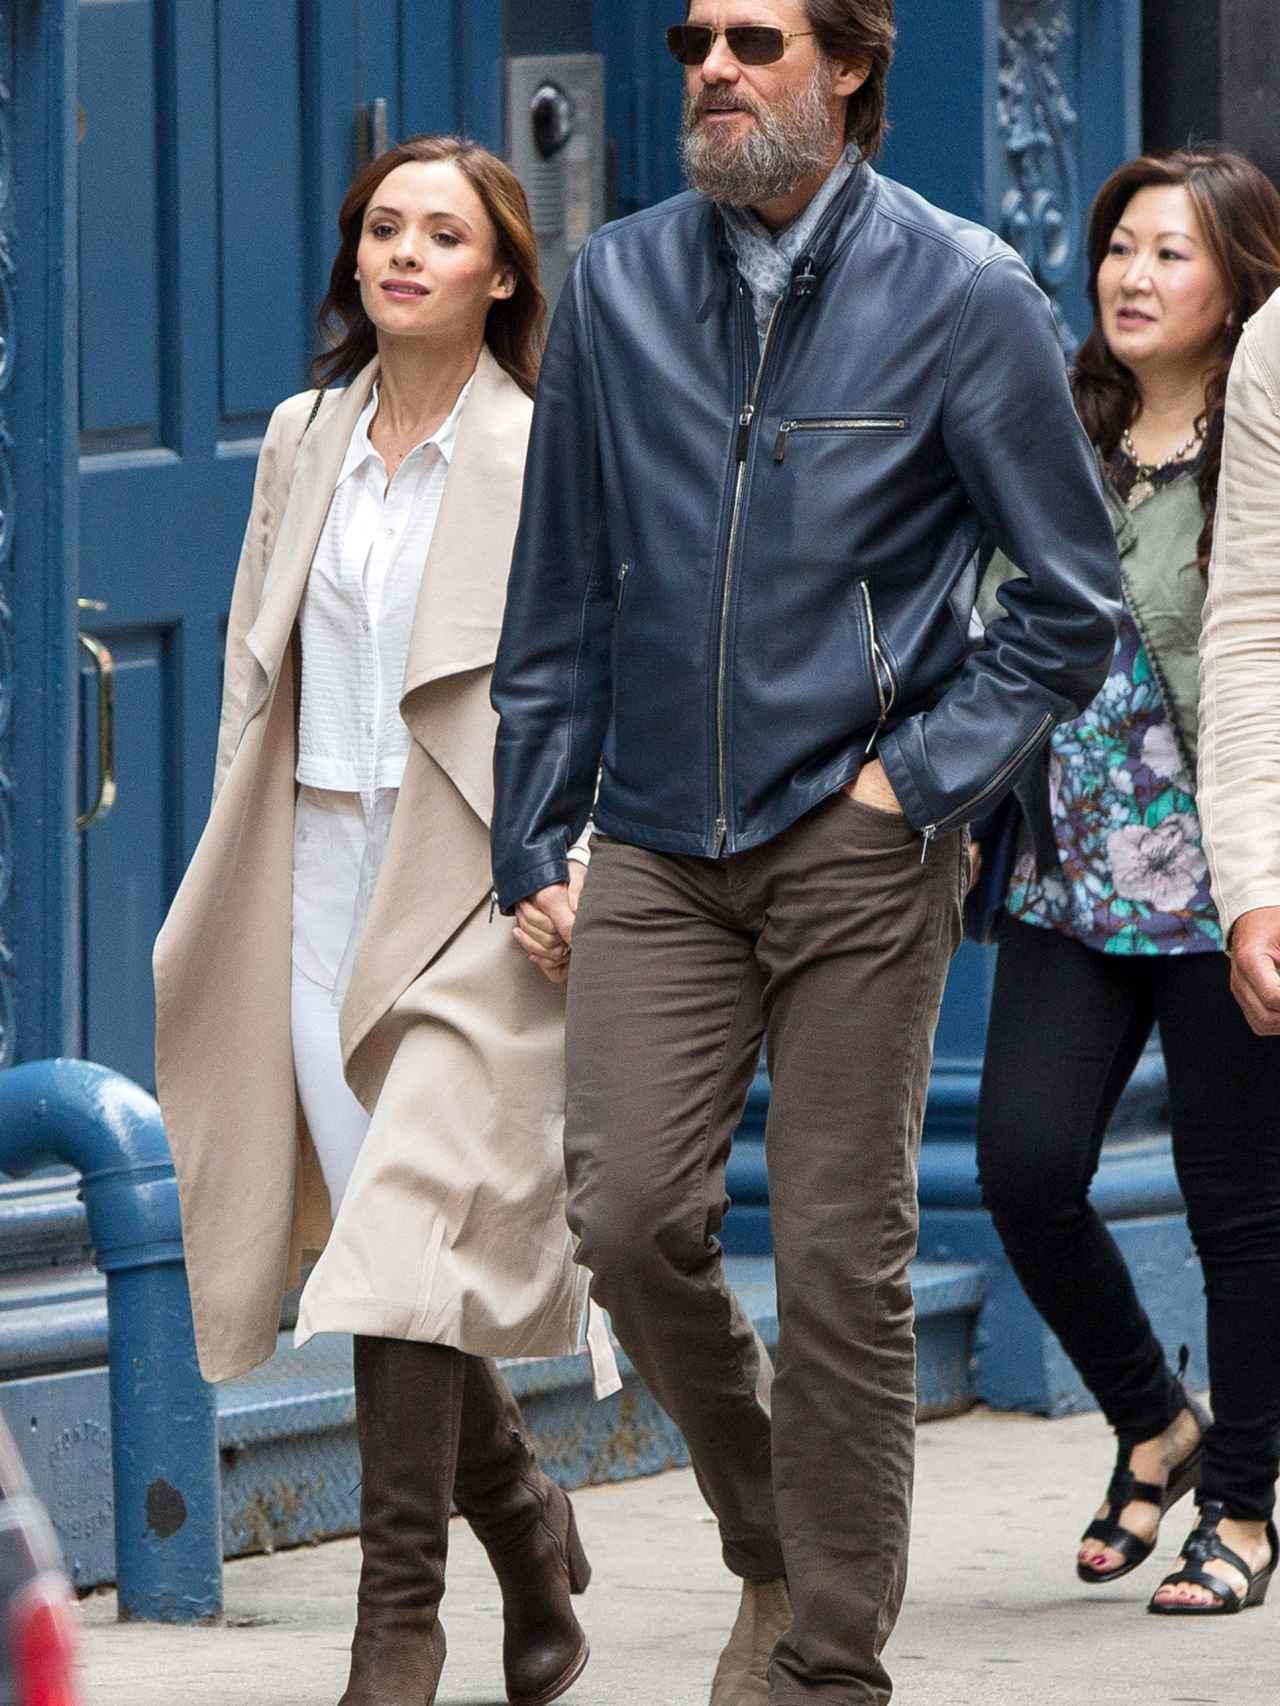 La pareja de actores cuando eran novios por las calles de Nueva York